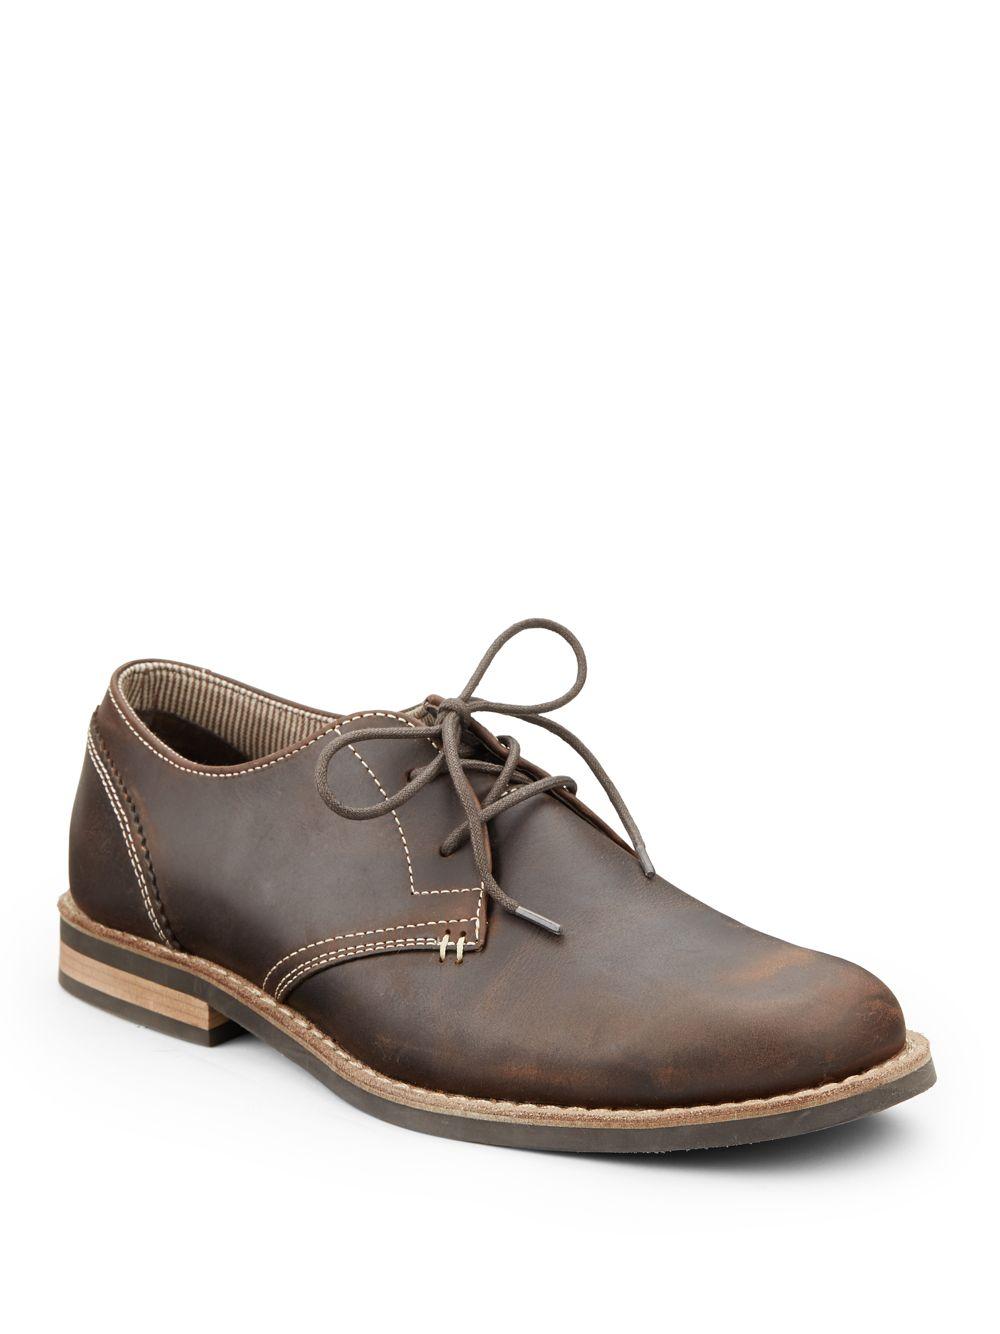 Penguin Shoes Waylon Brown